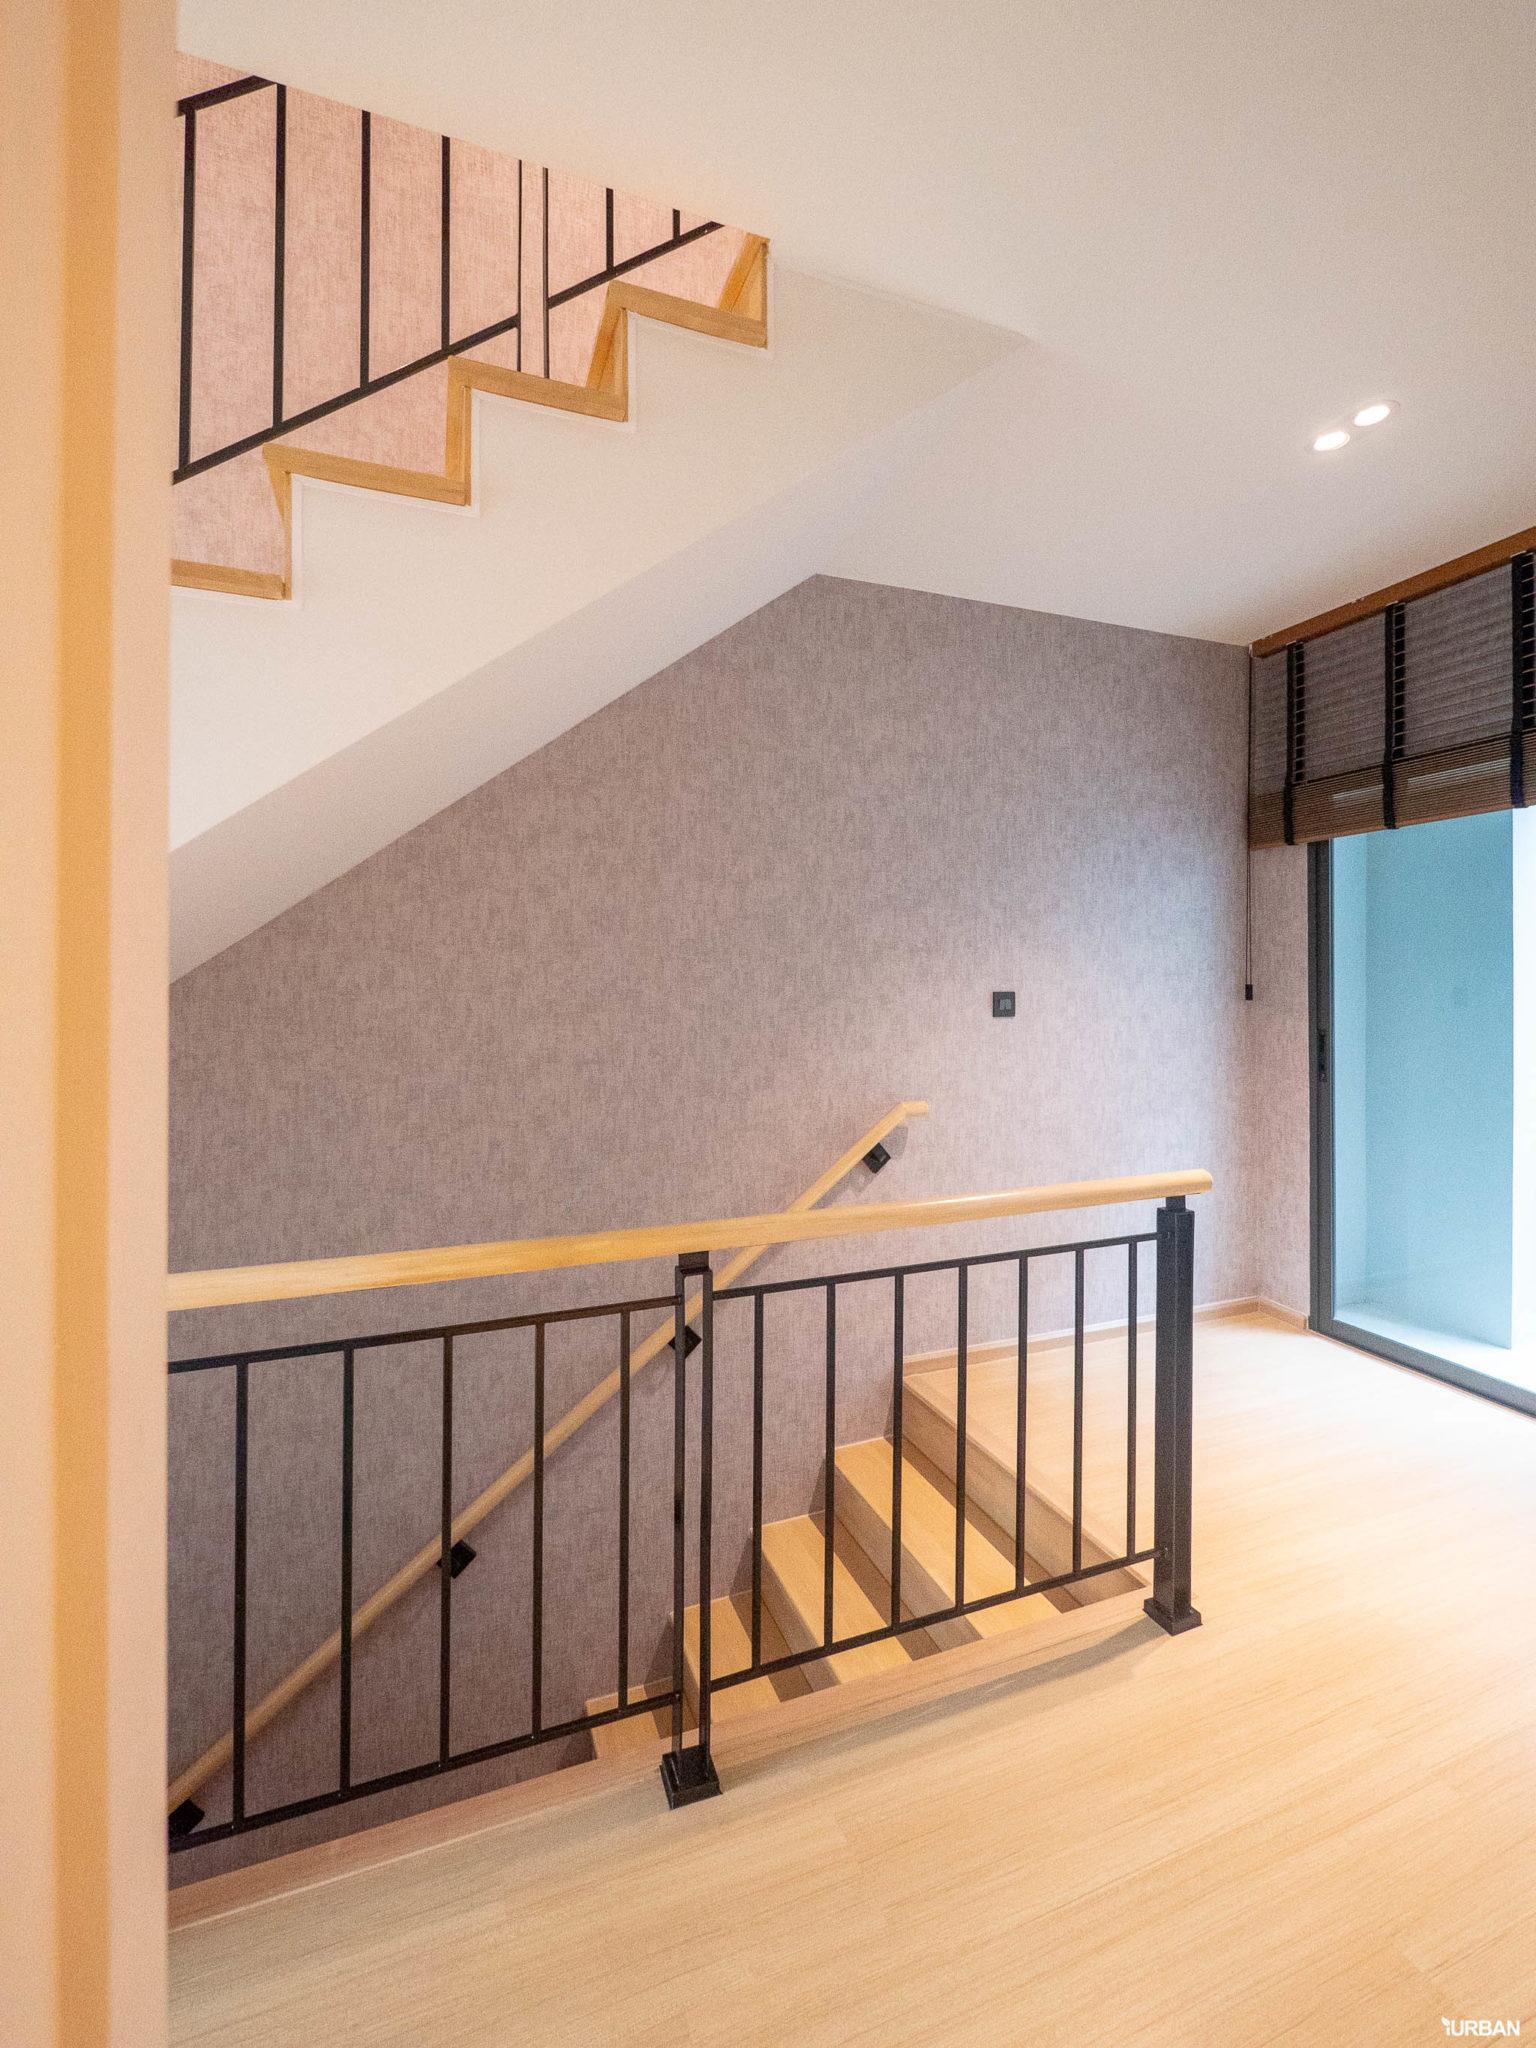 รีวิว URBANIO วิภาวดี-แจ้งวัฒนะ พรีเมียมทาวน์โฮม 3 ชั้นสุดสวย ใกล้สถานี Interchange เริ่ม 5.59 ล้าน จาก Ananda 19 - Premium